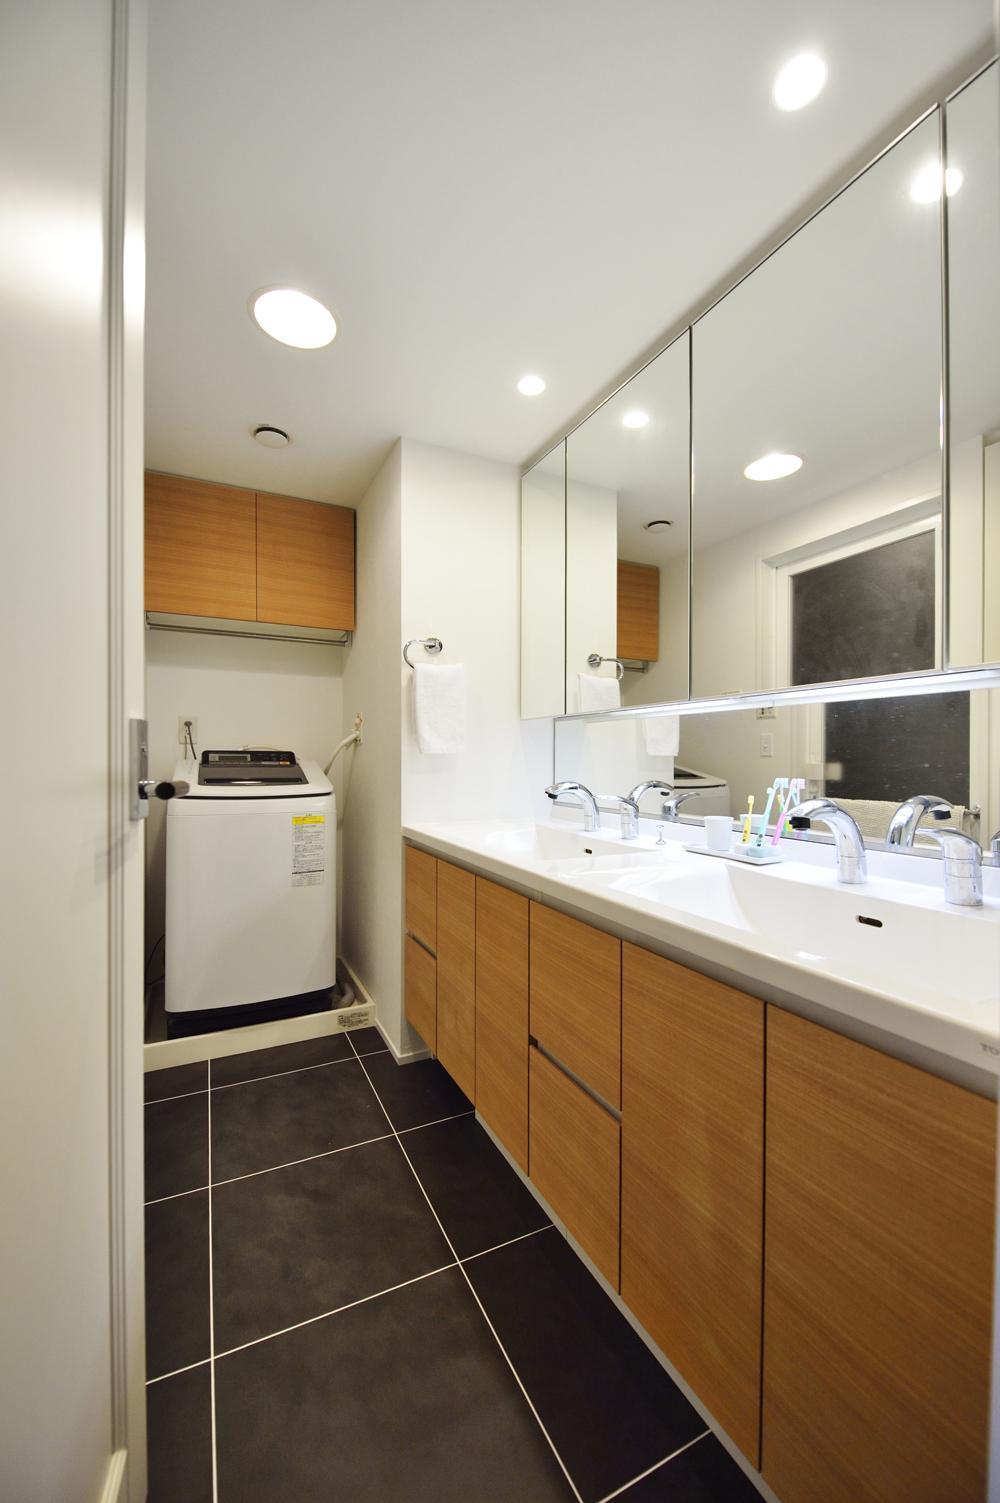 N邸・素足が気もち良い 広々リビングの写真 大判フロアタイルの洗面所